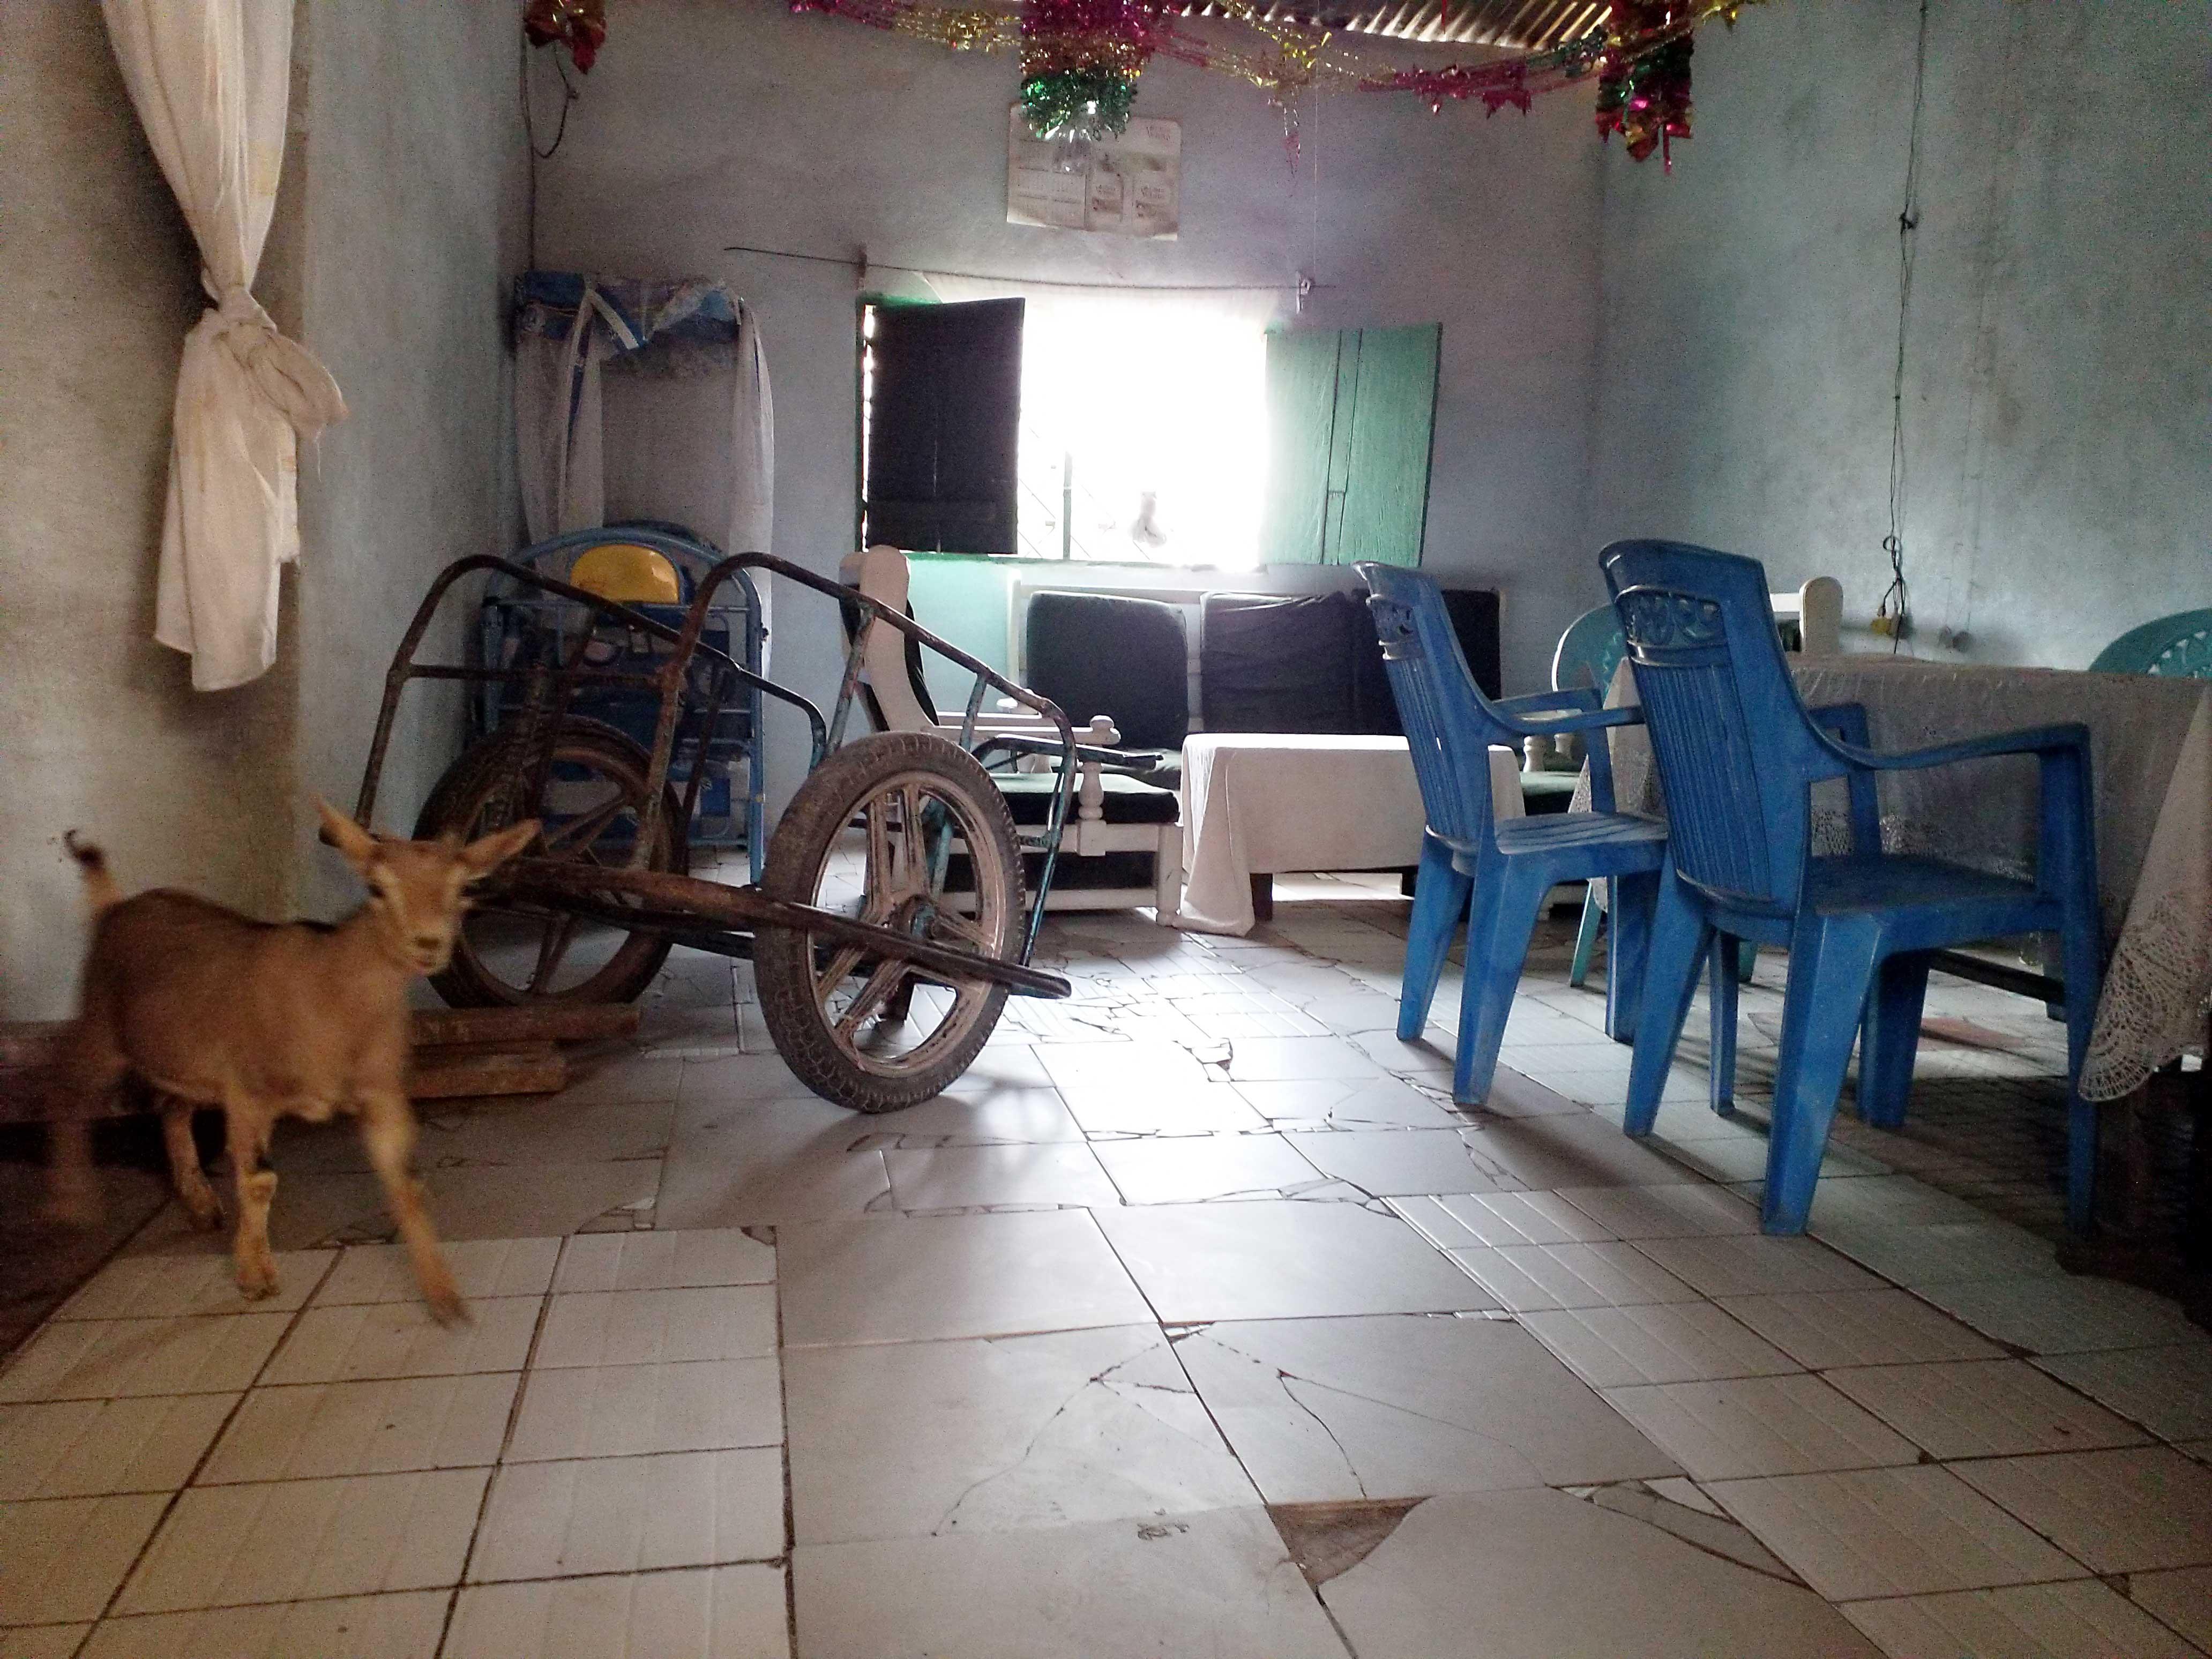 L'Institut Pasteur de Bangui, à travers le projet GENVARO, suit l'évolution de la distribution des génotypes de rotavirus chez les enfants de moins de 5 ans afin de caractériser les souches inhabituelles et déceler d'éventuelles souches émergentes. Ce projet au concept One health, mené en collaboration avec le Ministère de l'élevage, et le Complexe Pédiatrique de Bangui vise à contribuer efficacement au programme de lutte contre les diarrhées dues aux rotavirus.